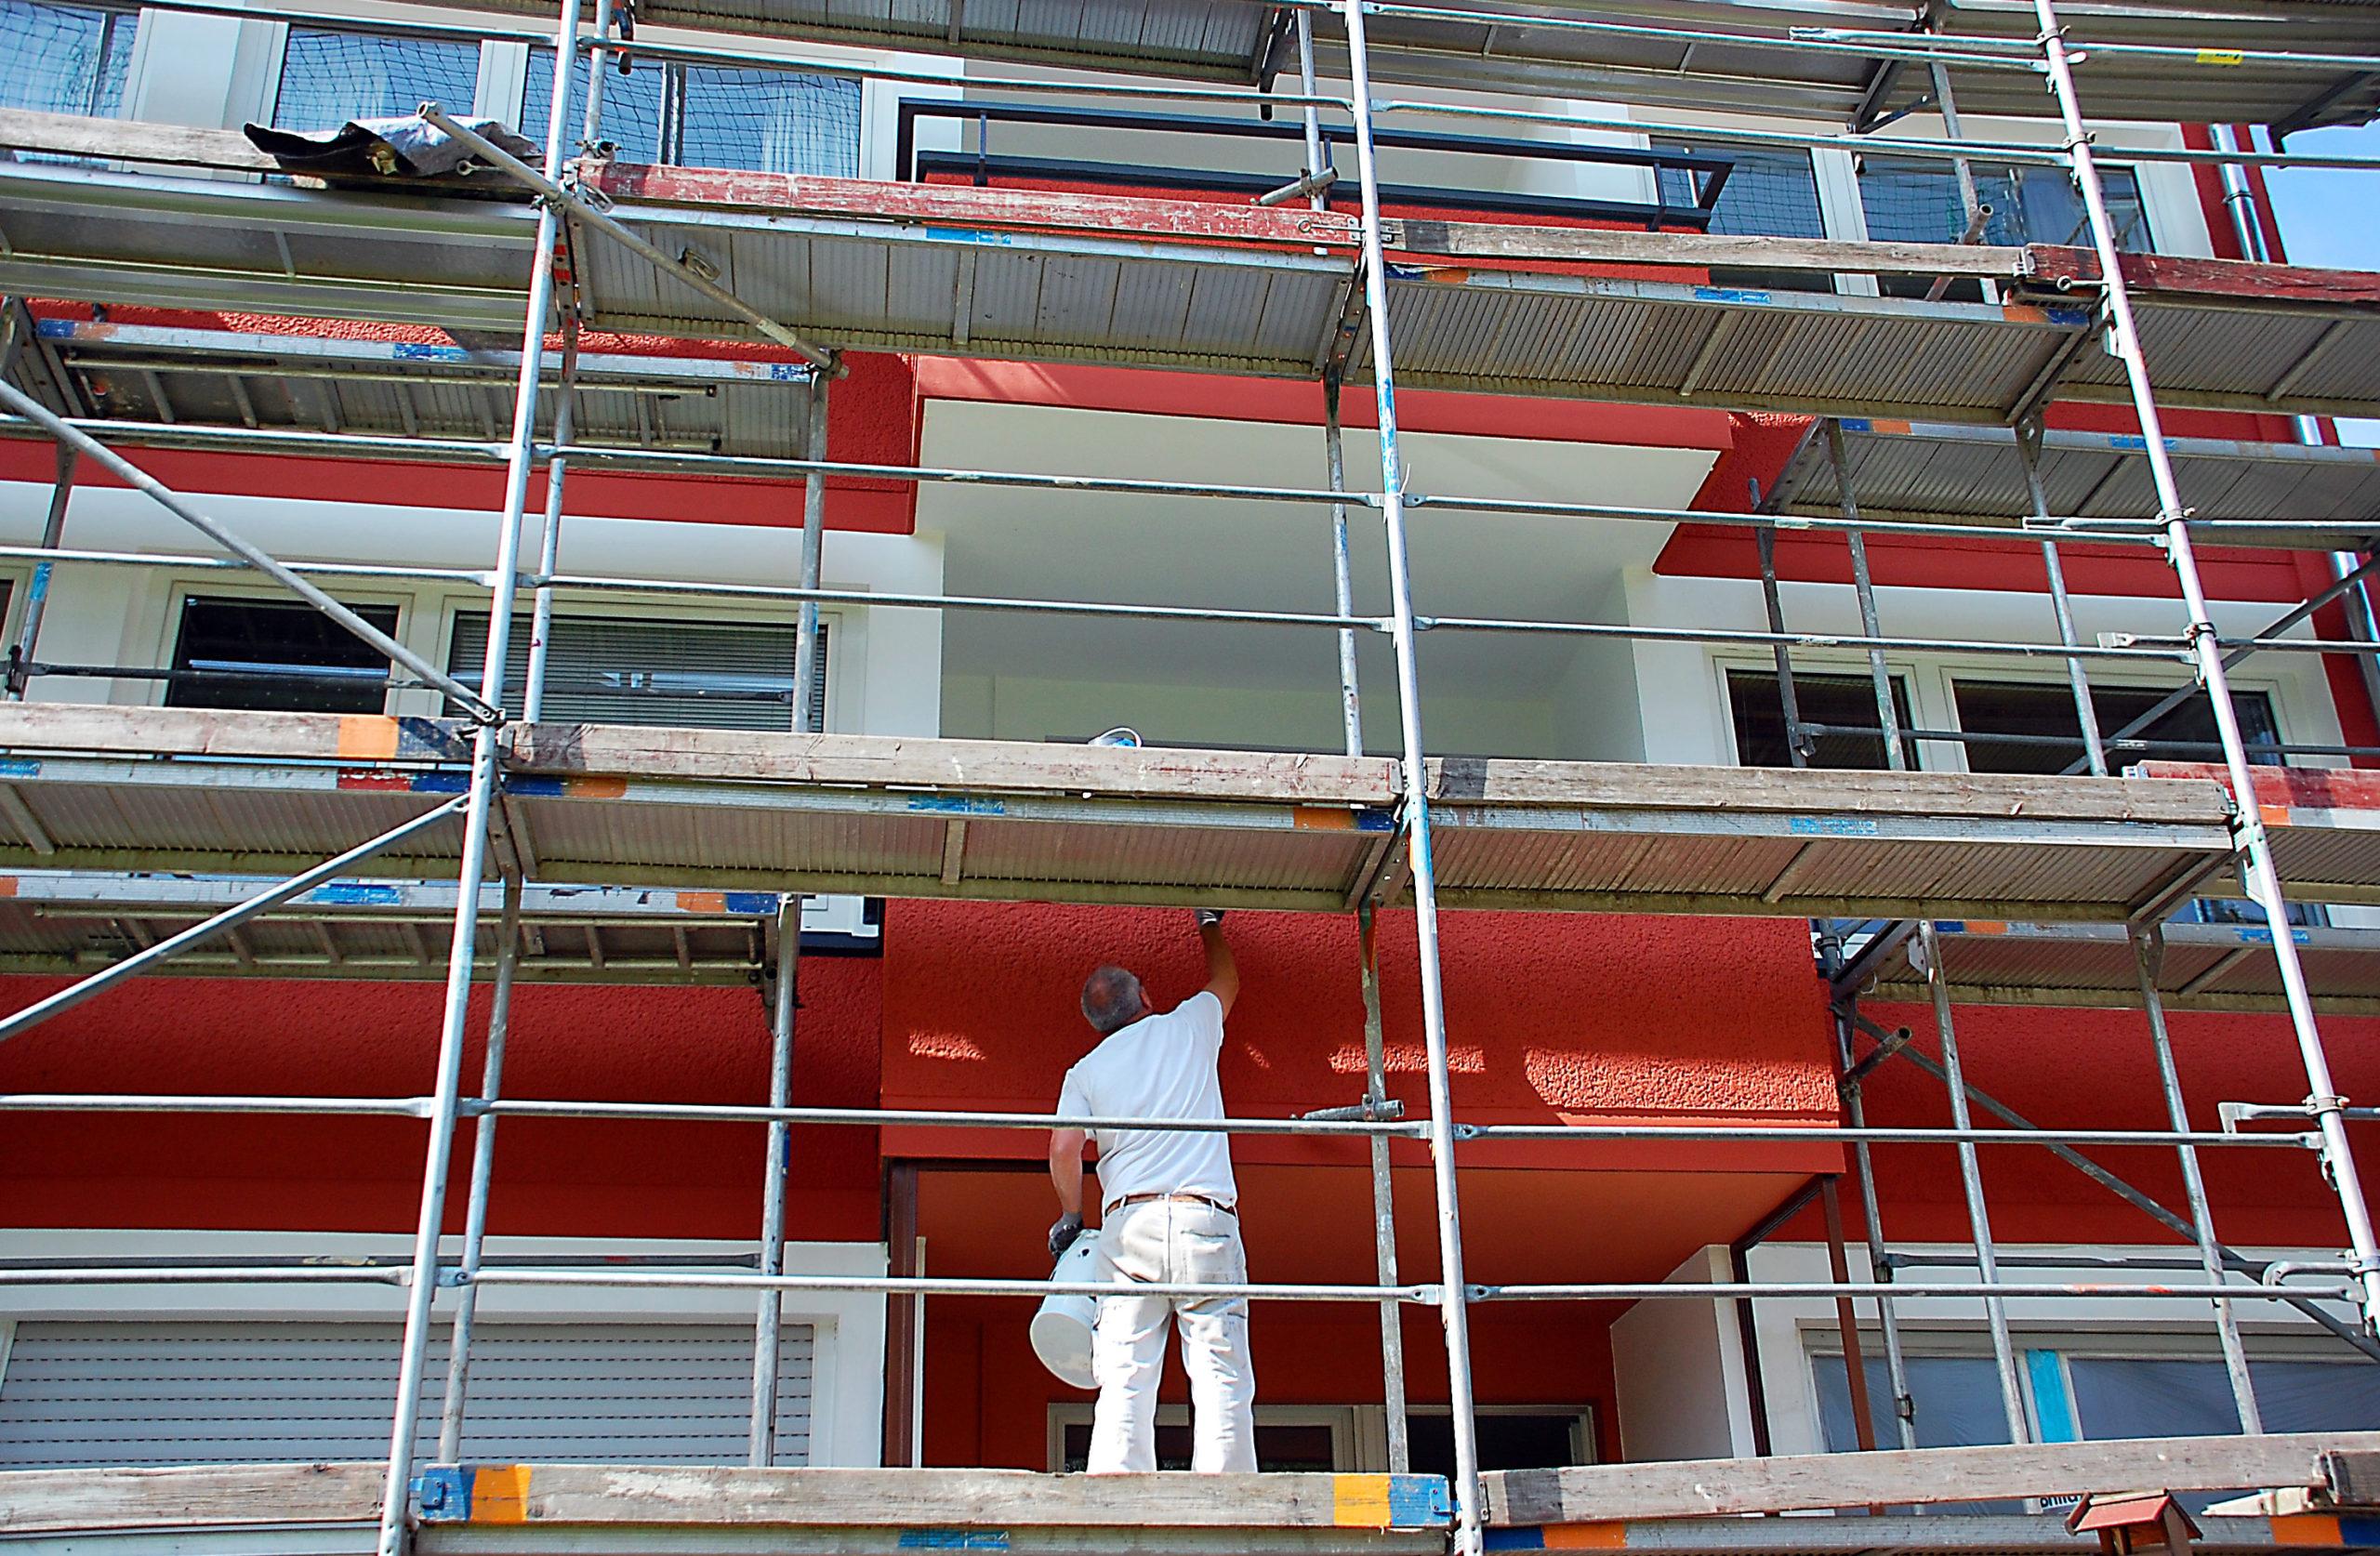 Maler auf Gerüst streicht die Außenfassade eines Mehrfamilienhauses